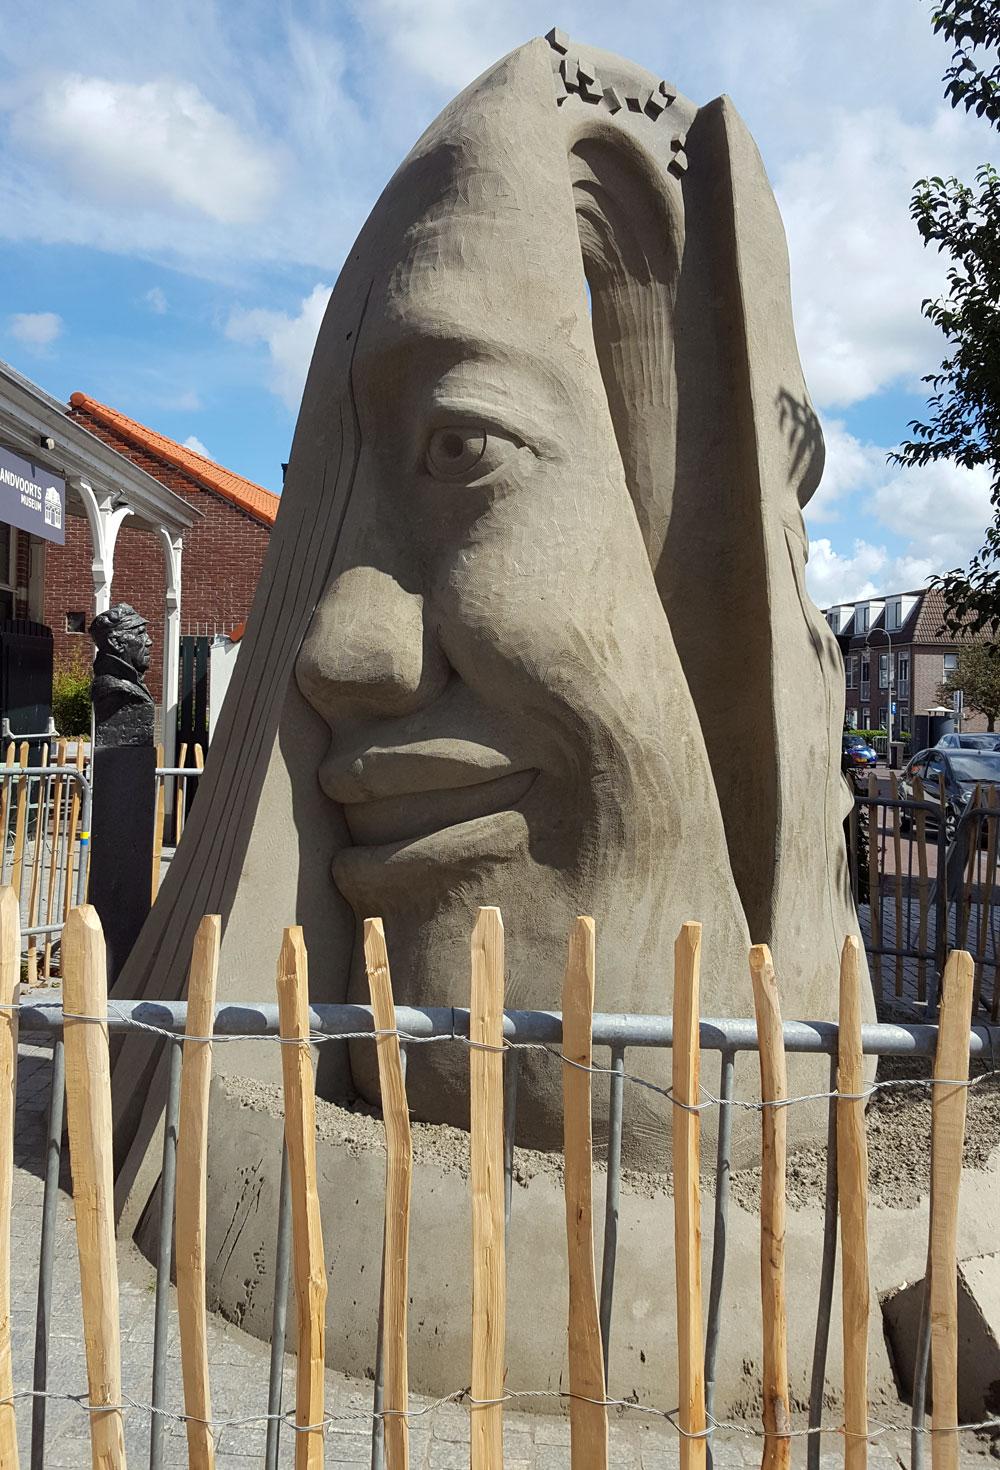 Sandskulptur vor dem Rathaus in Zandvoort